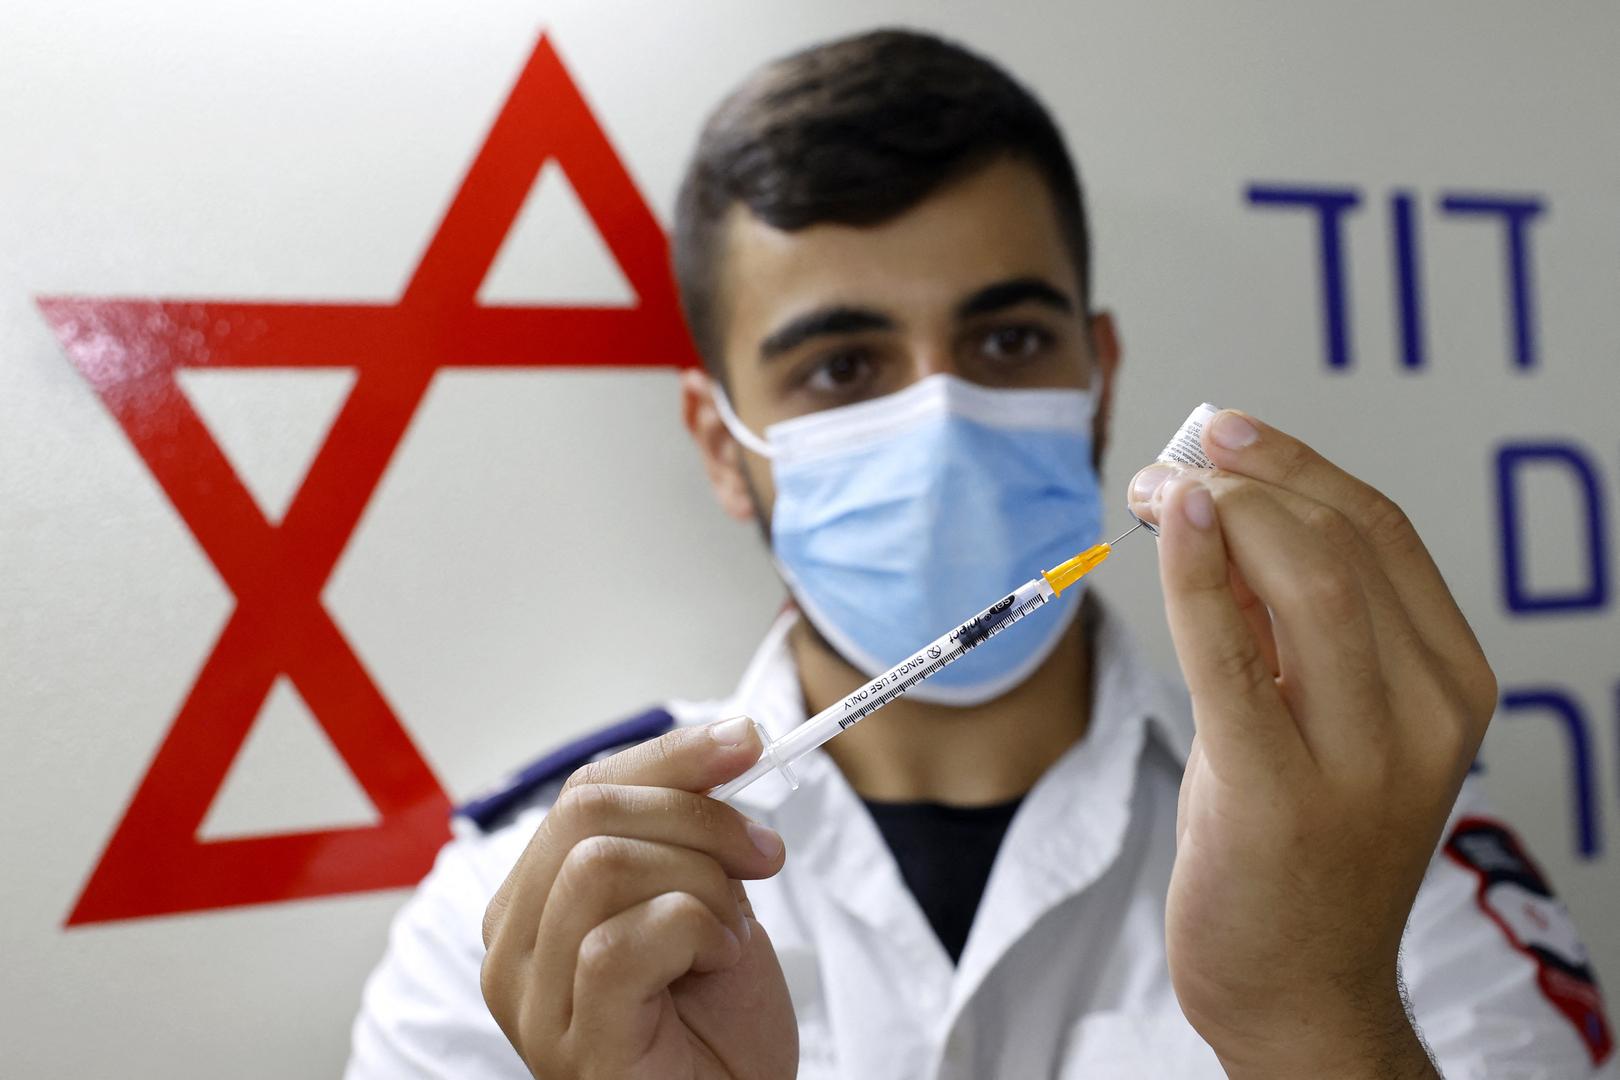 إسرائيل تسجل رقما قياسيا يوميا في عدد الإصابات بكورونا هو الأعلى منذ مارس